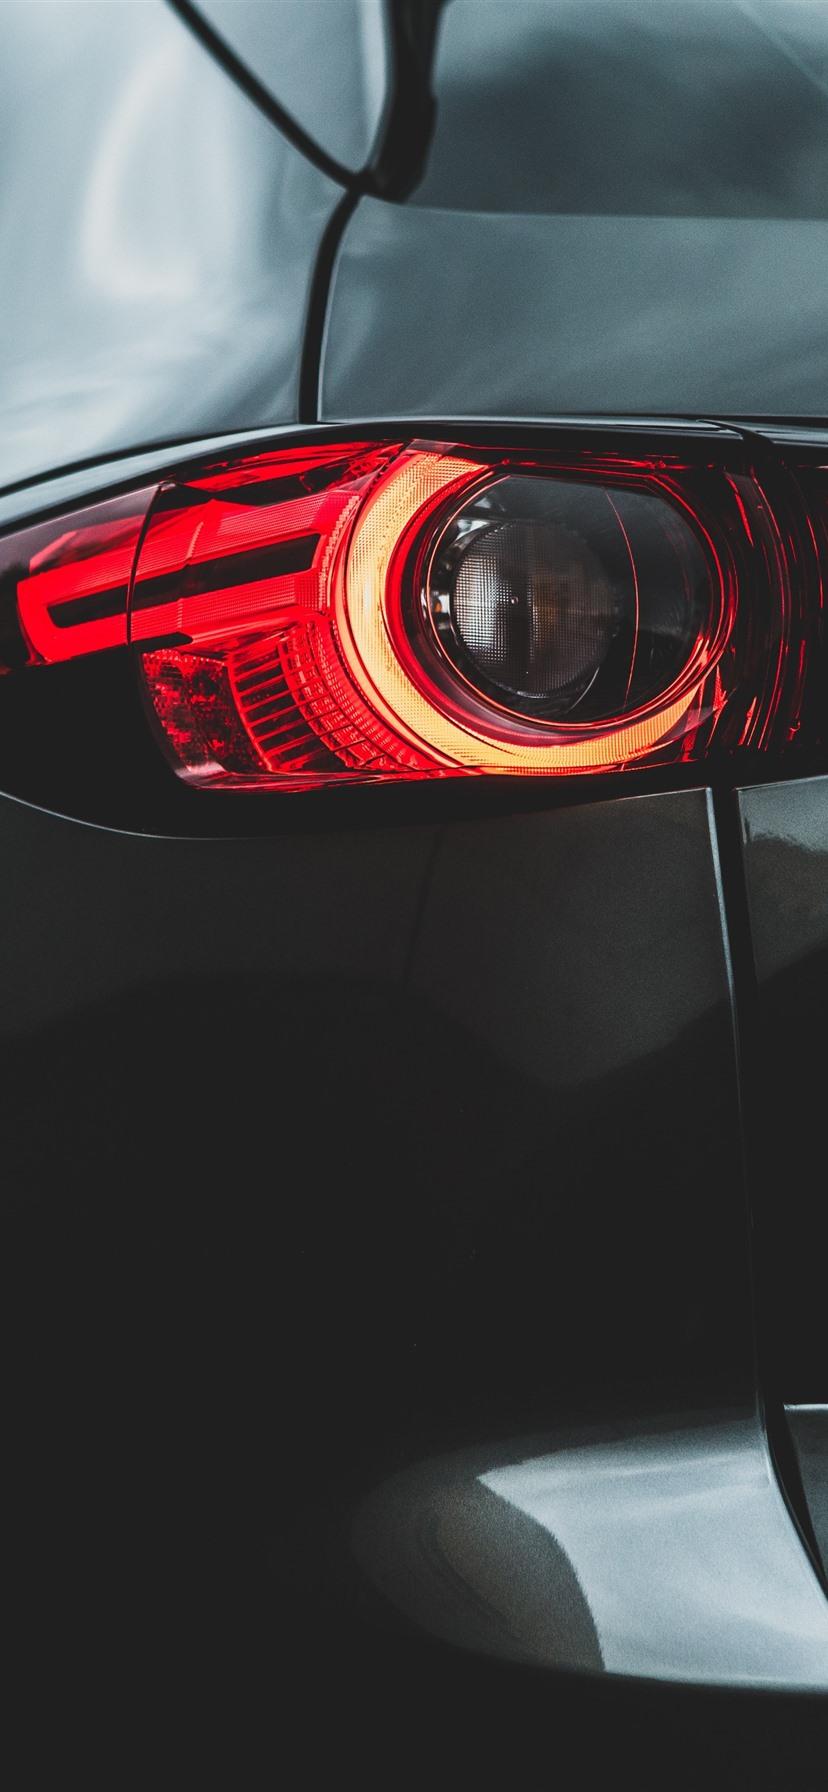 車のリアビュー バックライト 1242x26 Iphone 11 Pro Xs Max 壁紙 背景 画像